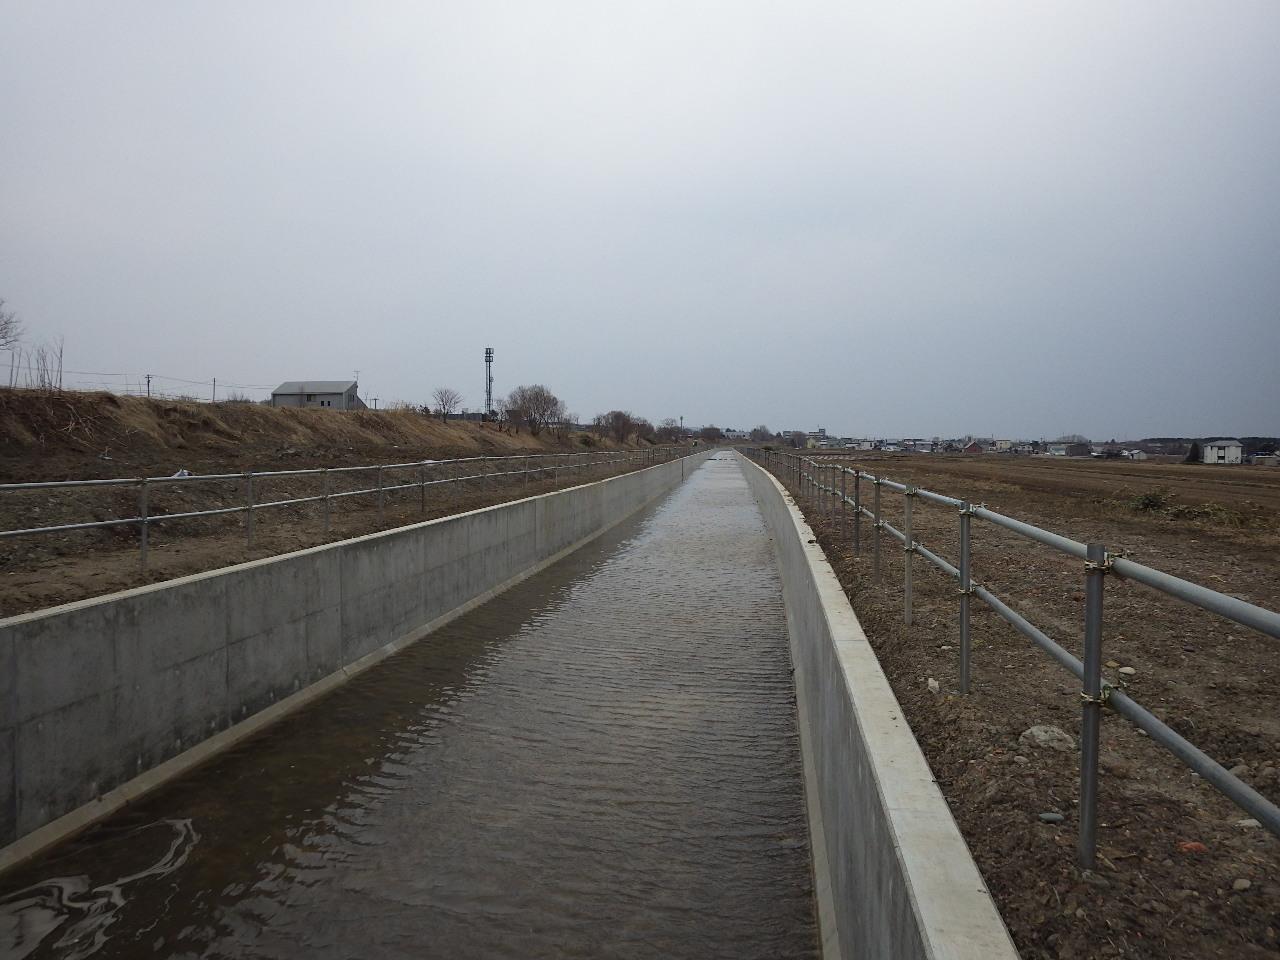 北海地区 北海幹線用水路由良水路橋下流工区工事